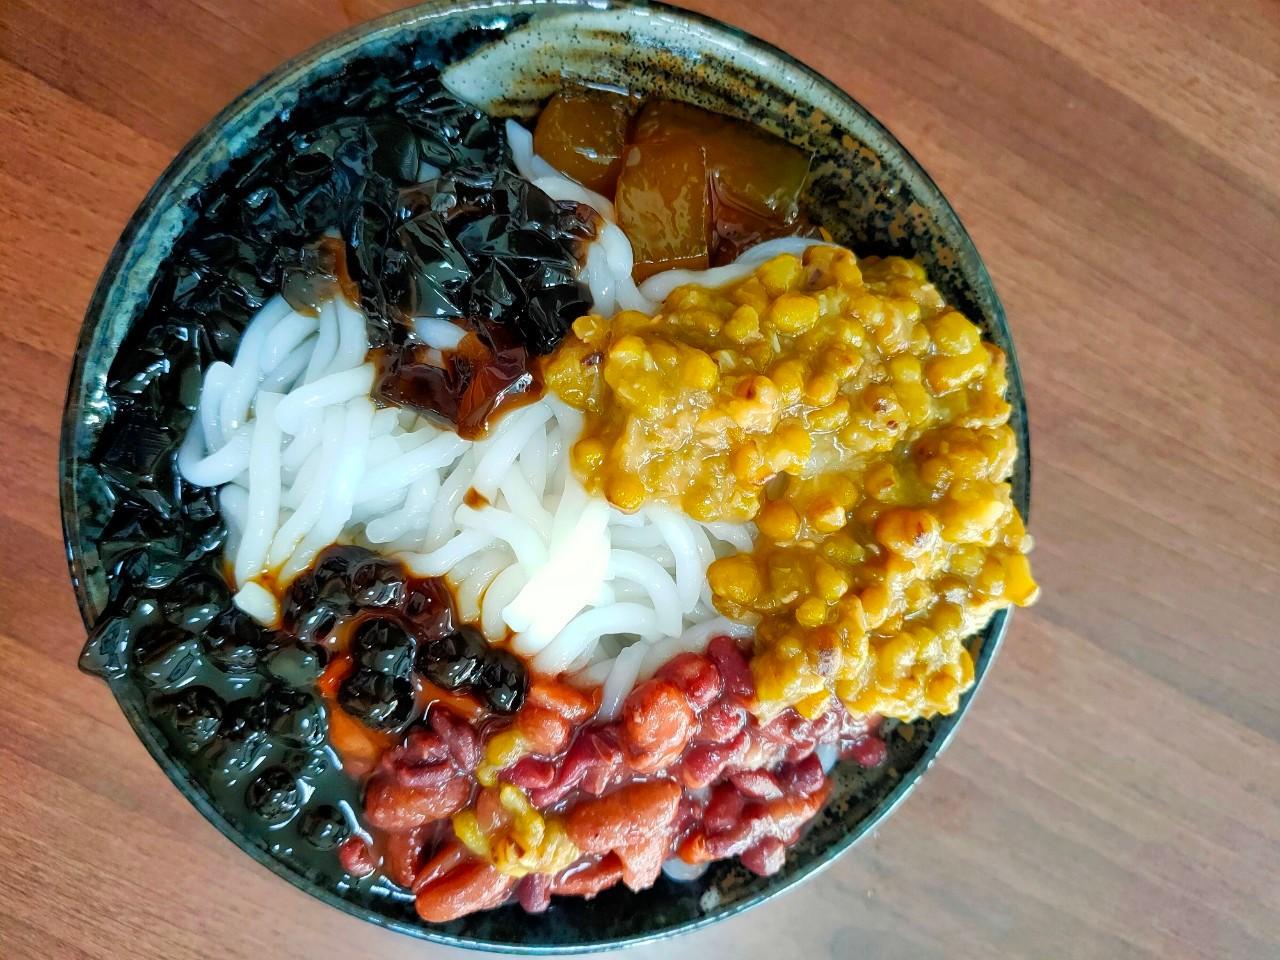 桃園中壢美食-阿福米苔目-中豐路上的銅板美食,一大碗只要45元就吃到撐